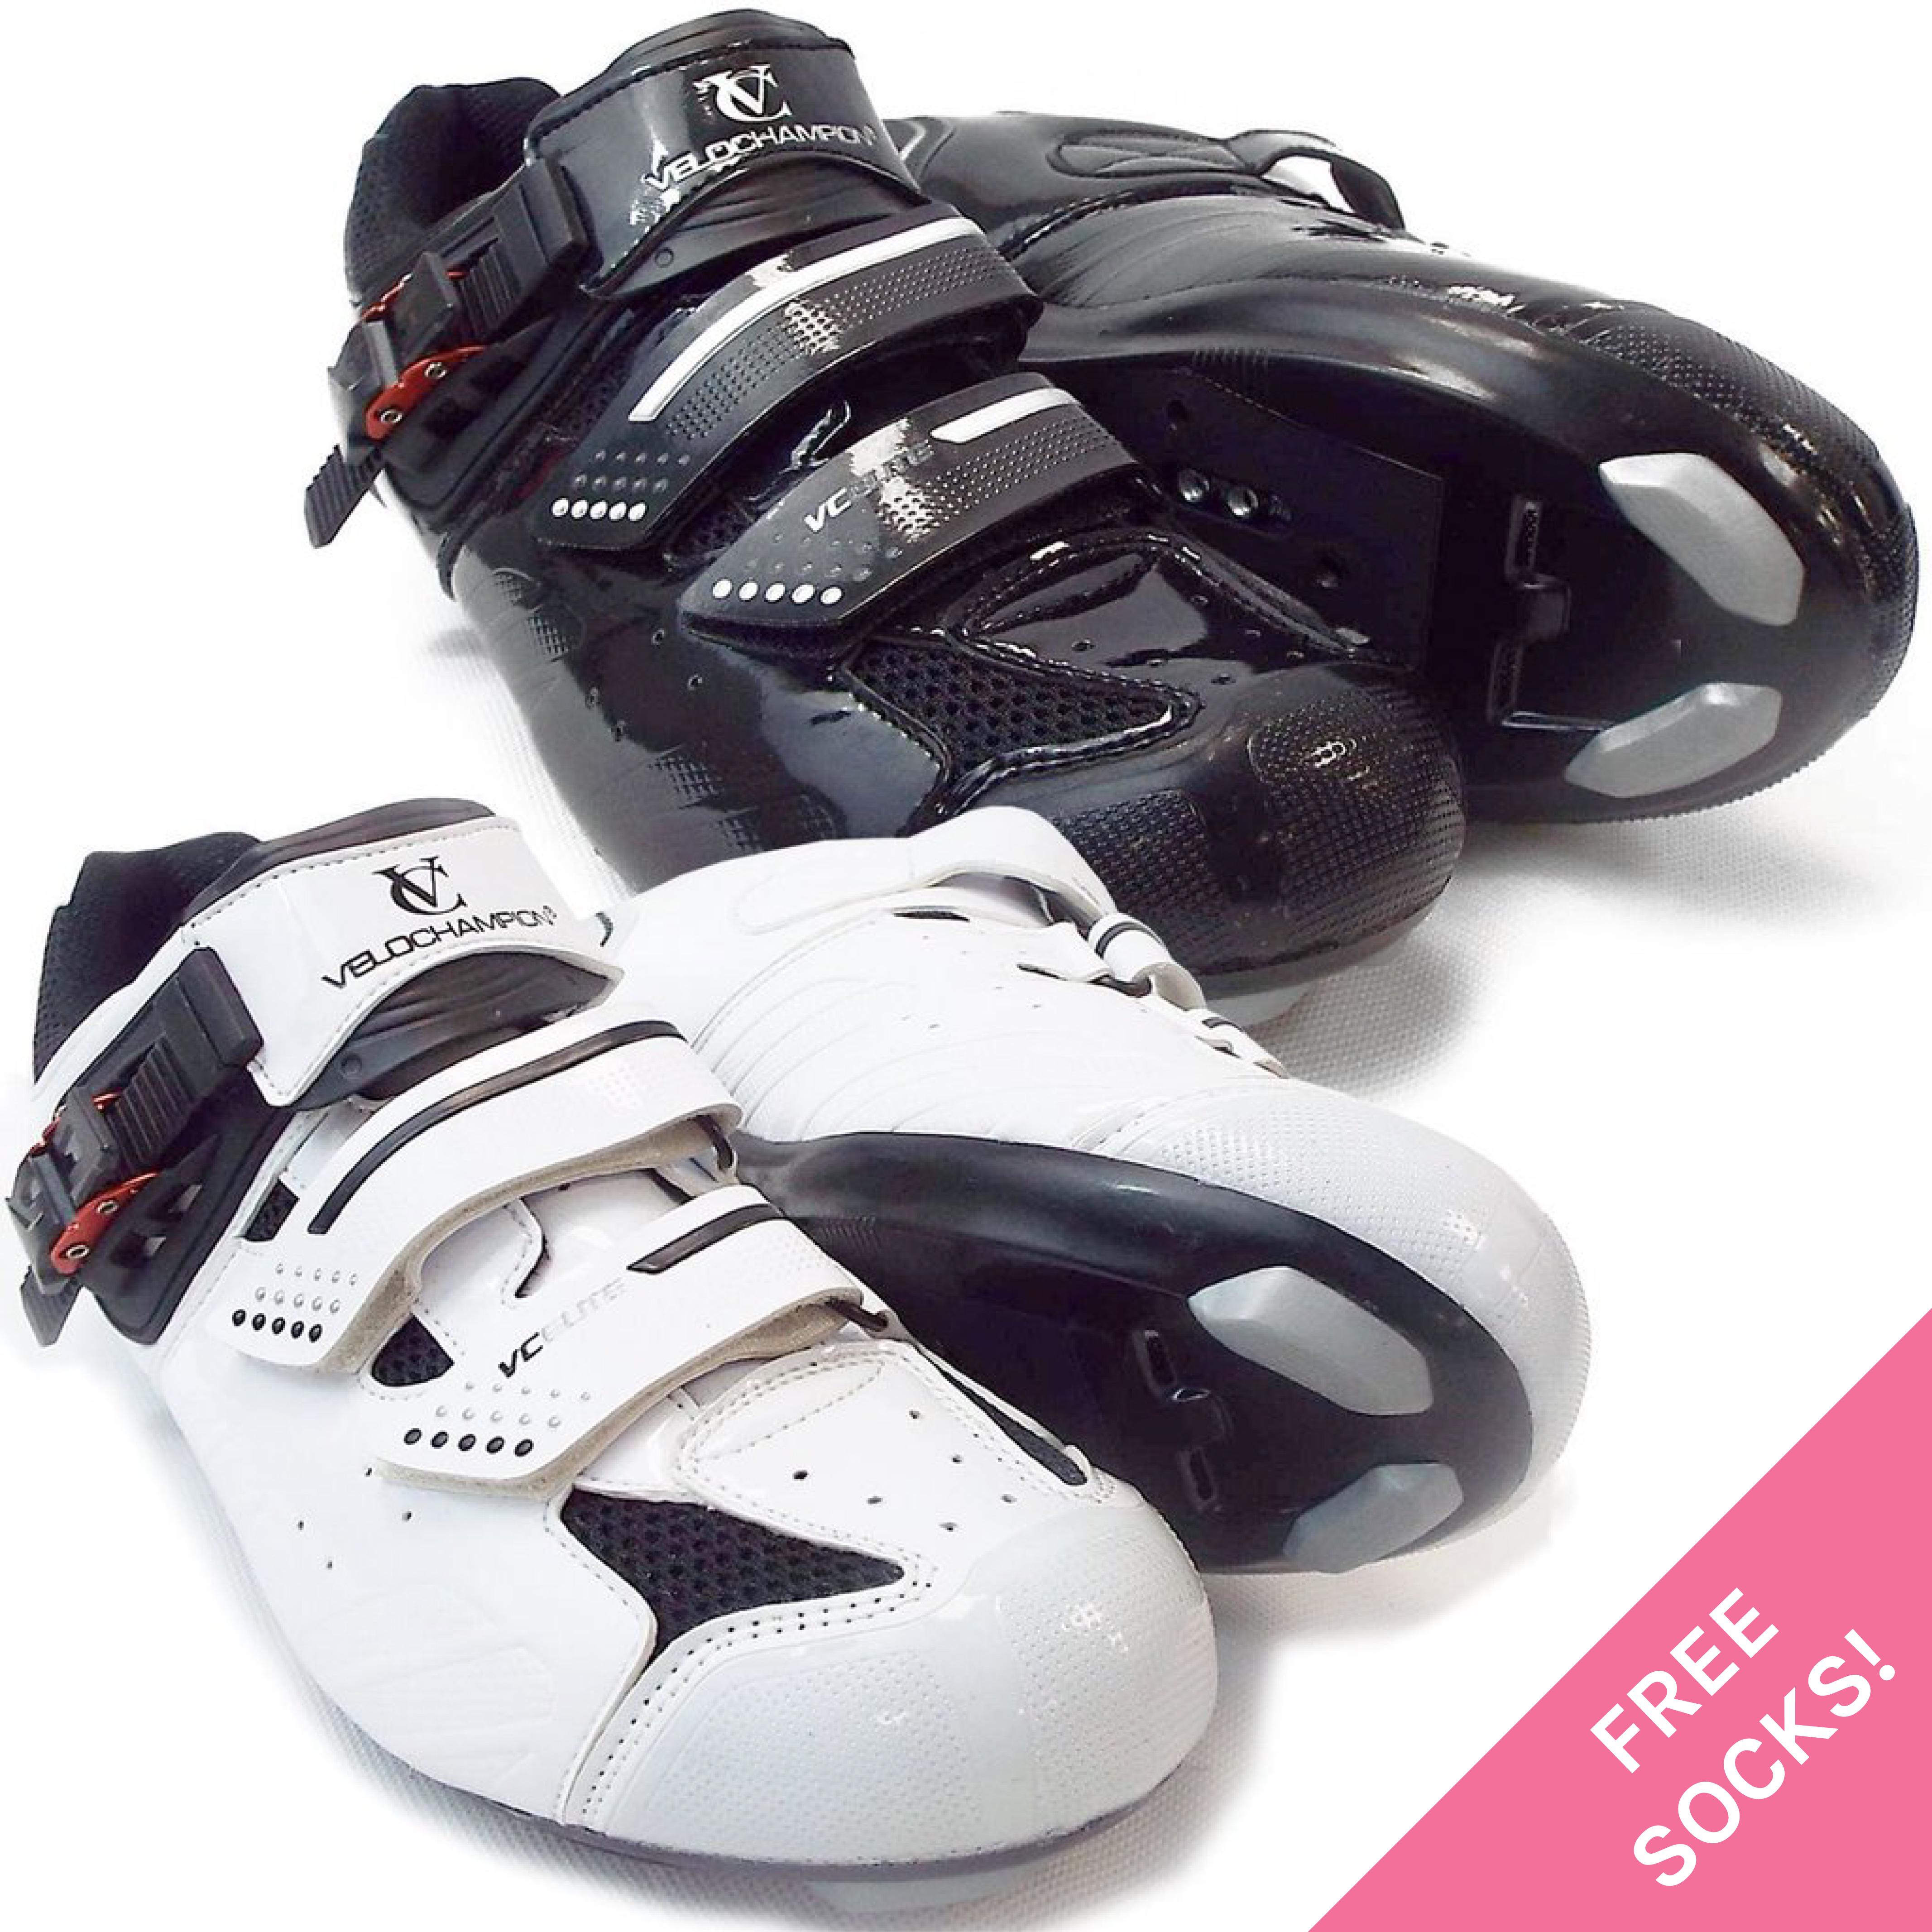 VeloChampion Elite Scarpe da da da ciclismo su strada (COPPIA) | Alta qualità ed economico  1956f1